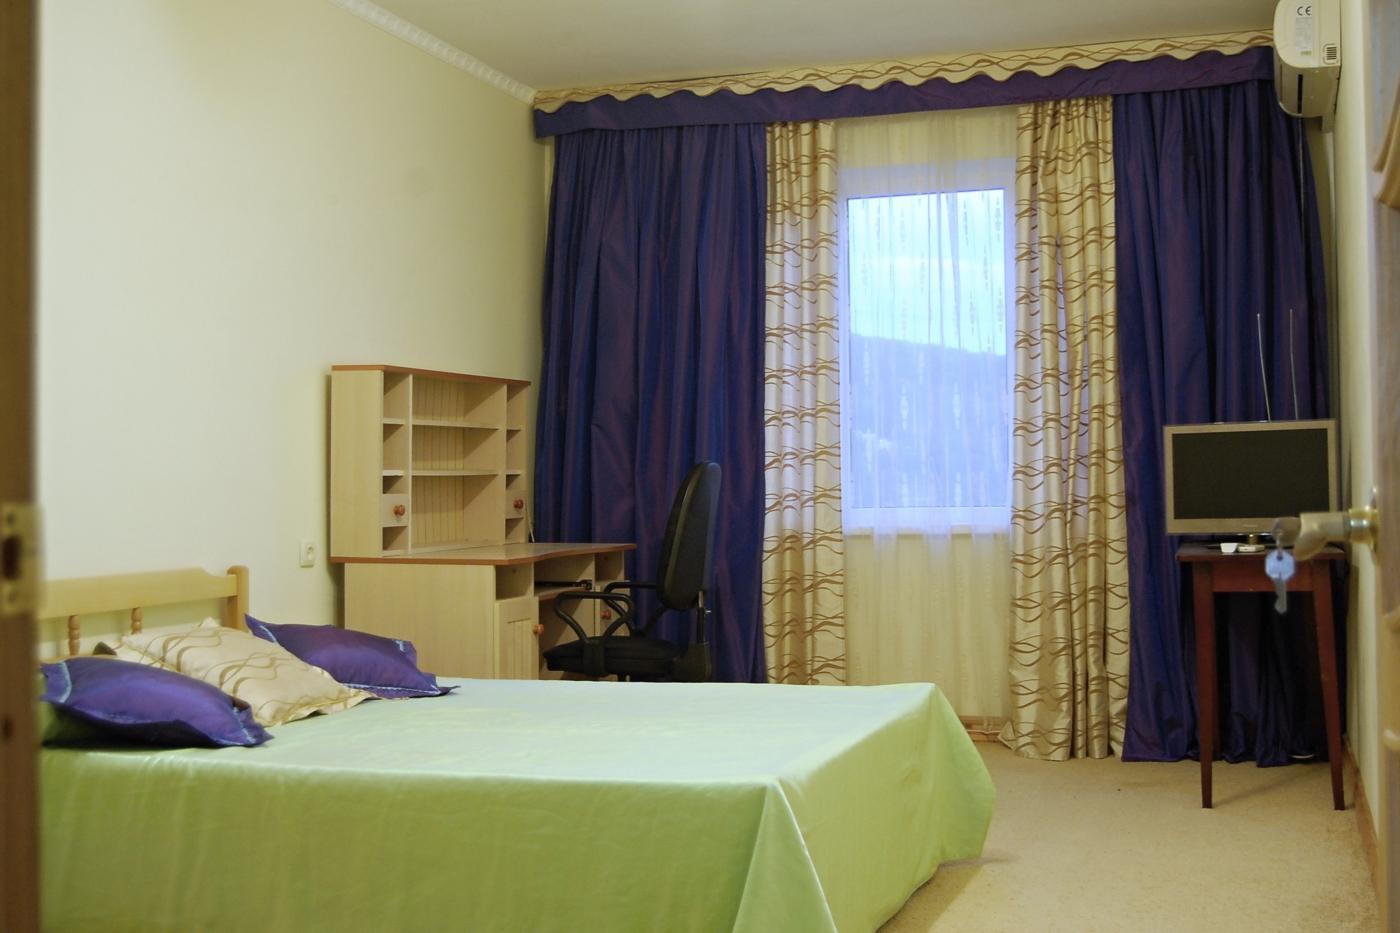 2-комнатная квартира посуточно (вариант № 730), ул. Павлова переулок, фото № 4